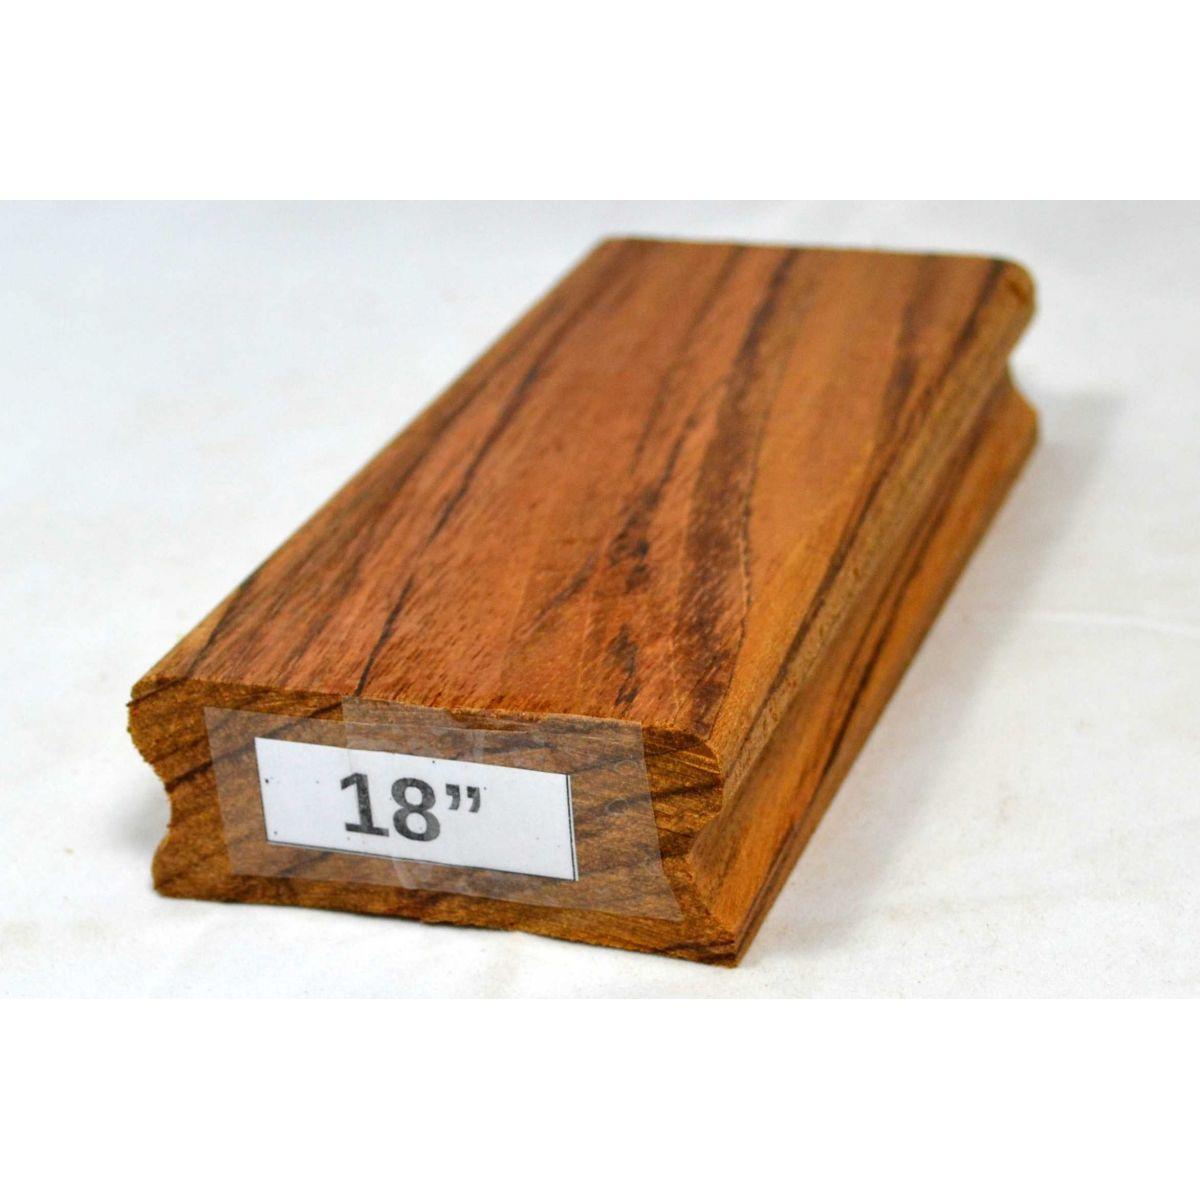 """Taco de raiar escala (unidade) com o raio de 18"""" (16cm x 7,5cm)  - Luthieria Brasil"""